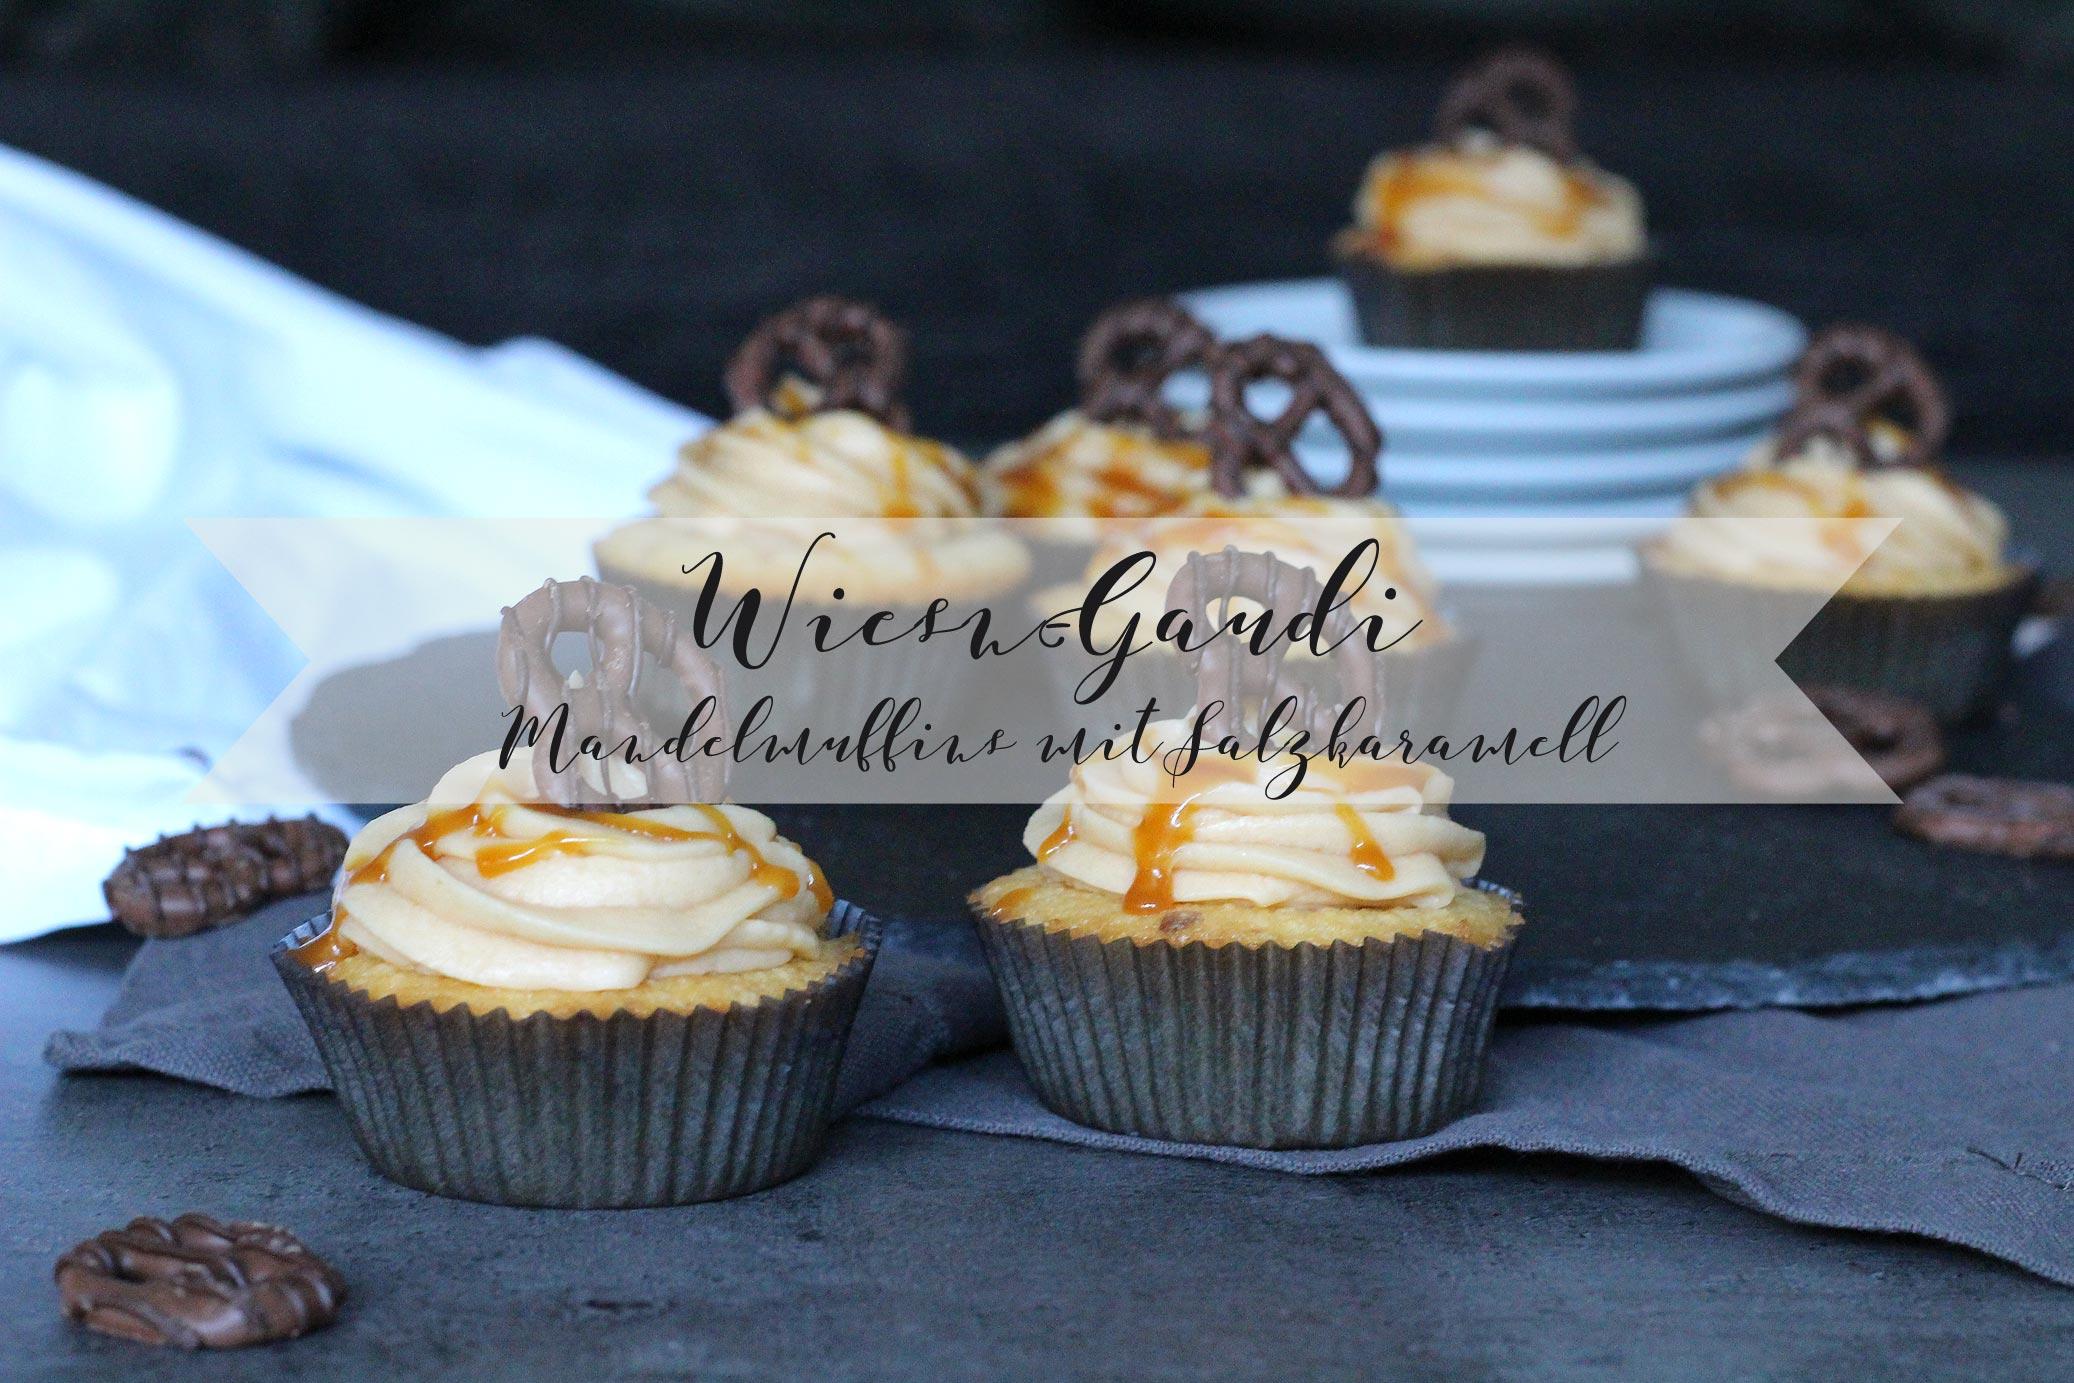 Muffins sind schnell gebacken und die Buttercreme ist eigentlich gelingsicher. Beides lässt sich bereits bei Bedarf am Vorabend zubereiten.